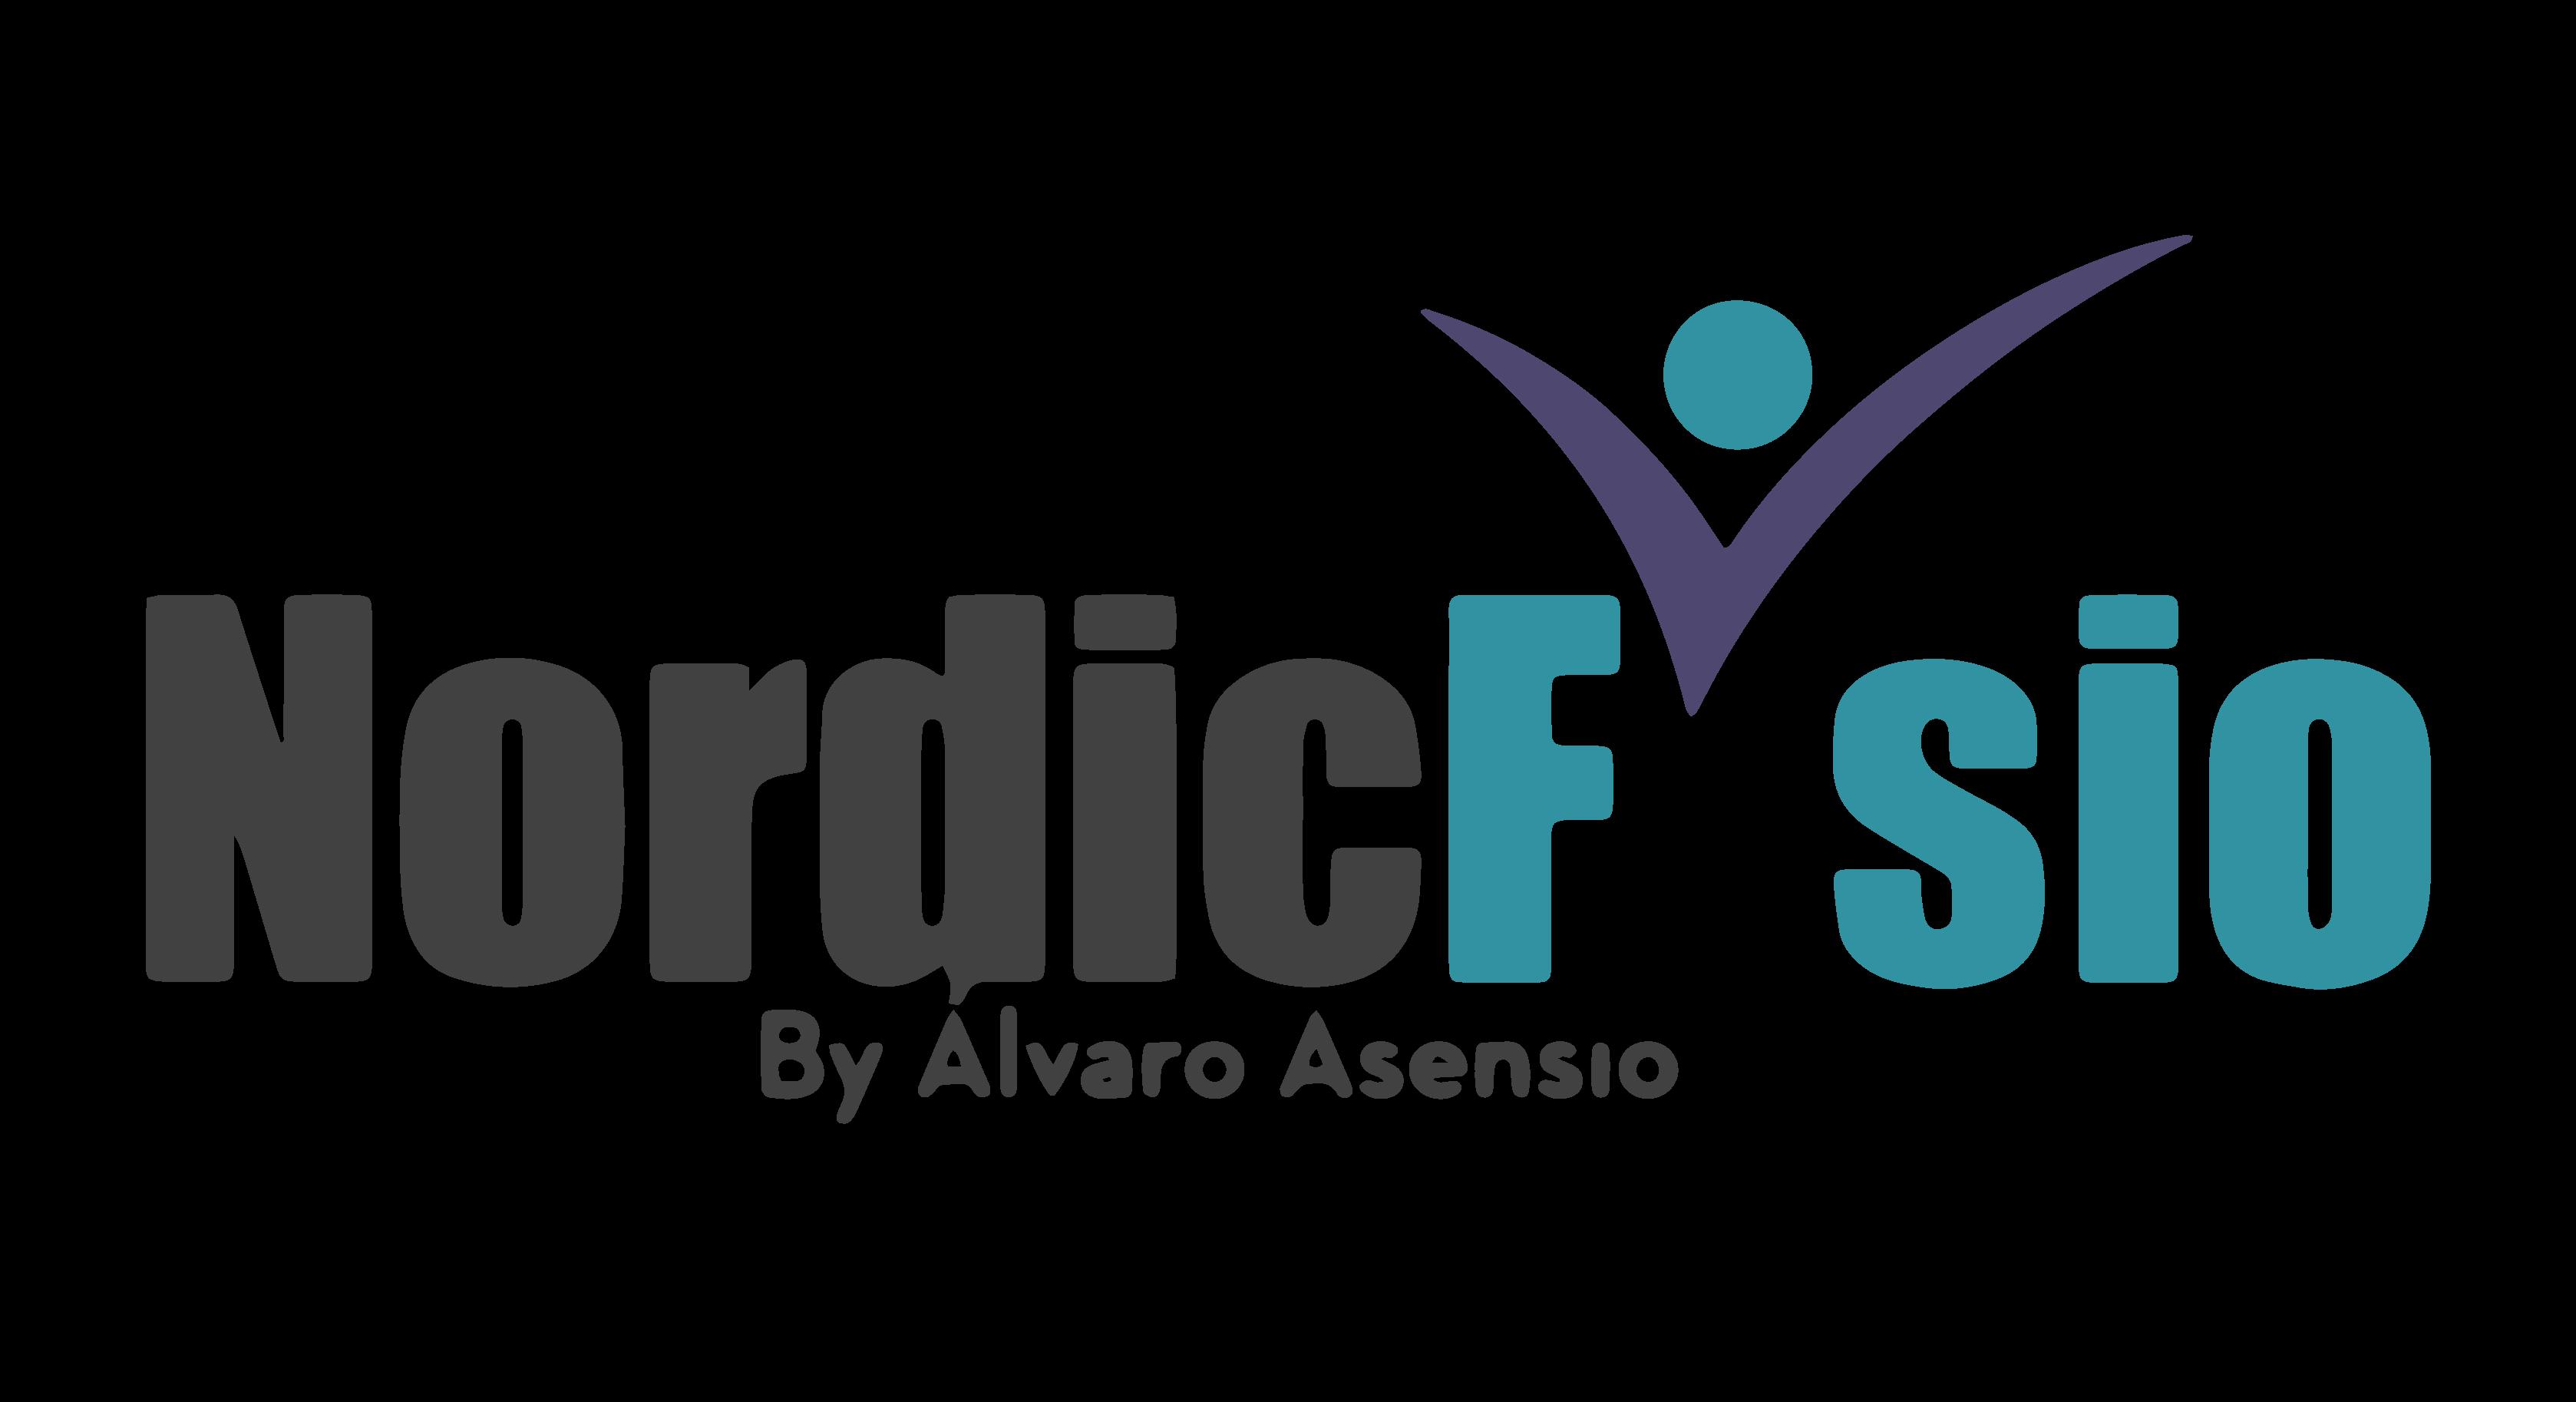 NordicFysio